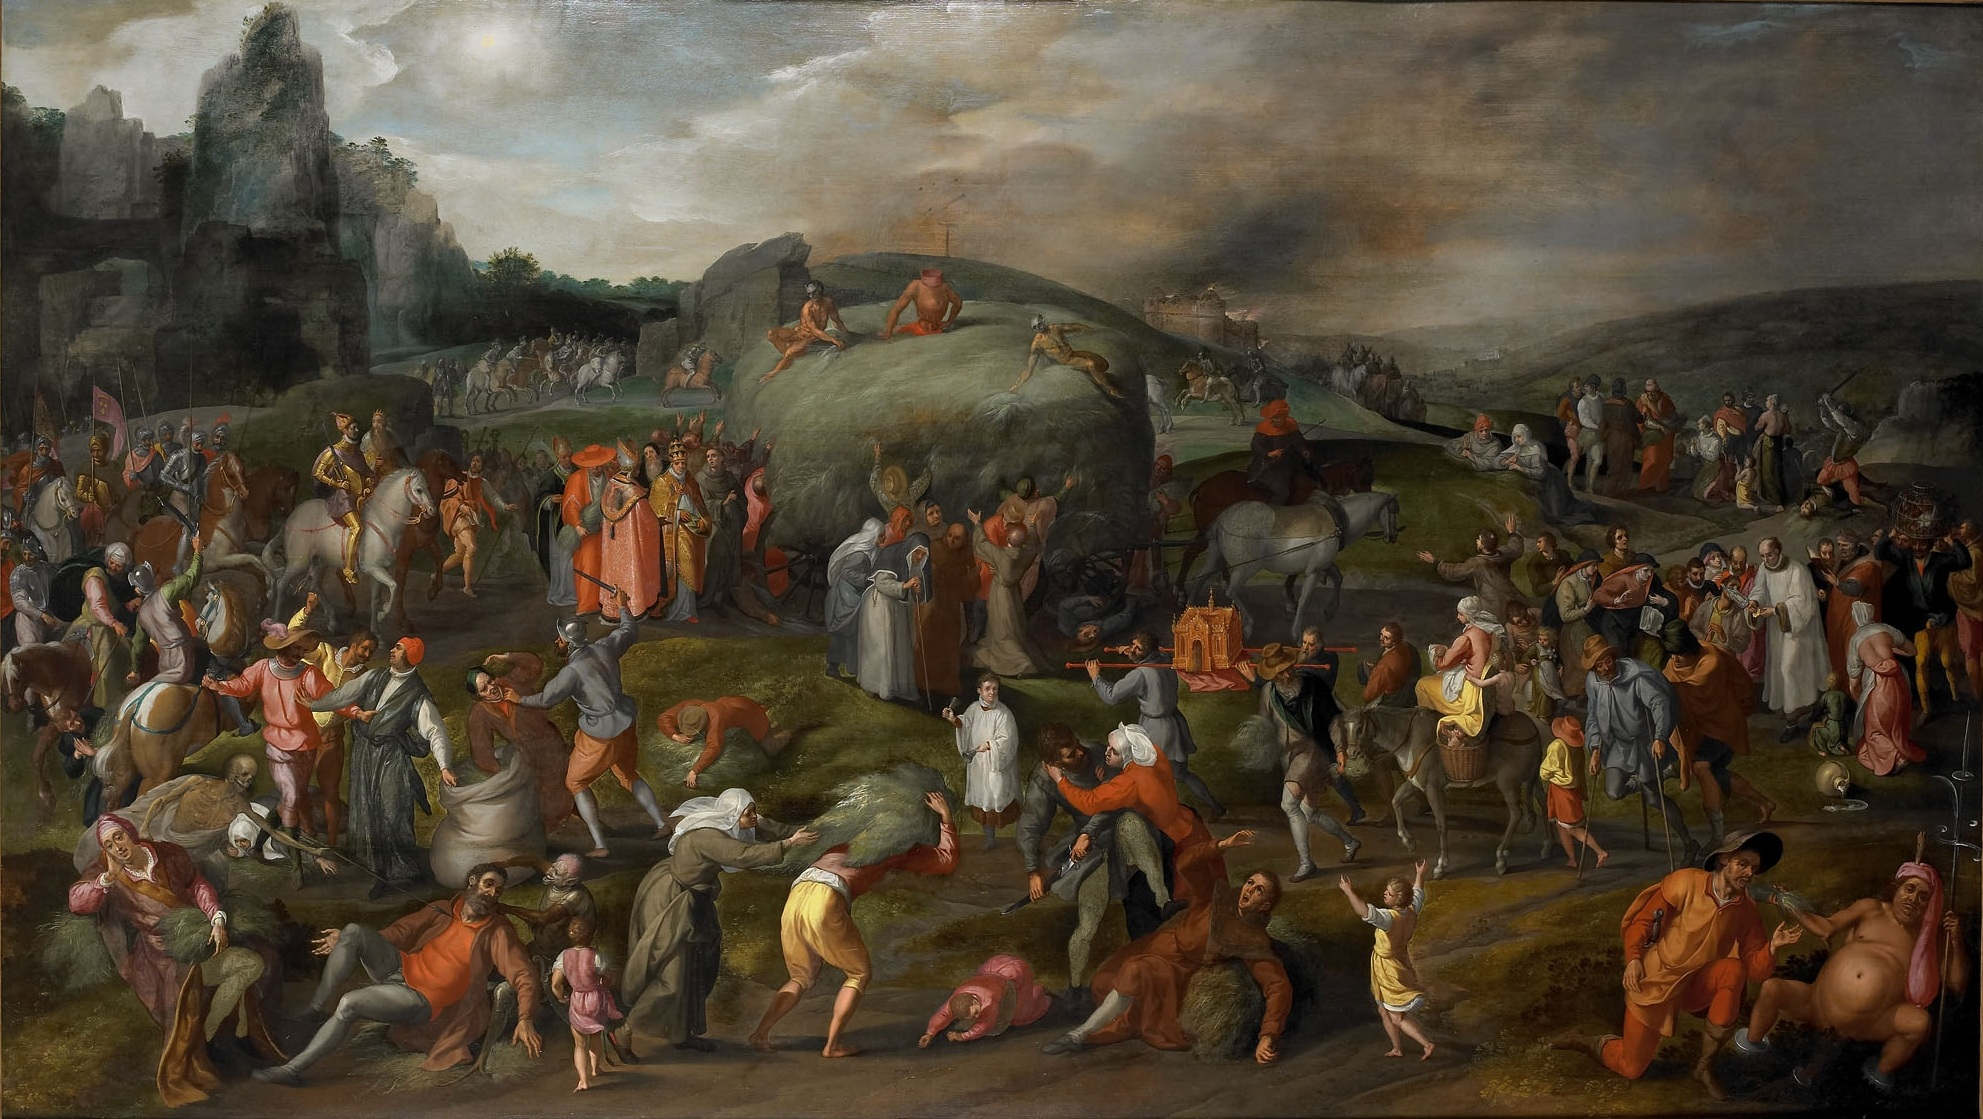 фламандская школа живописи: